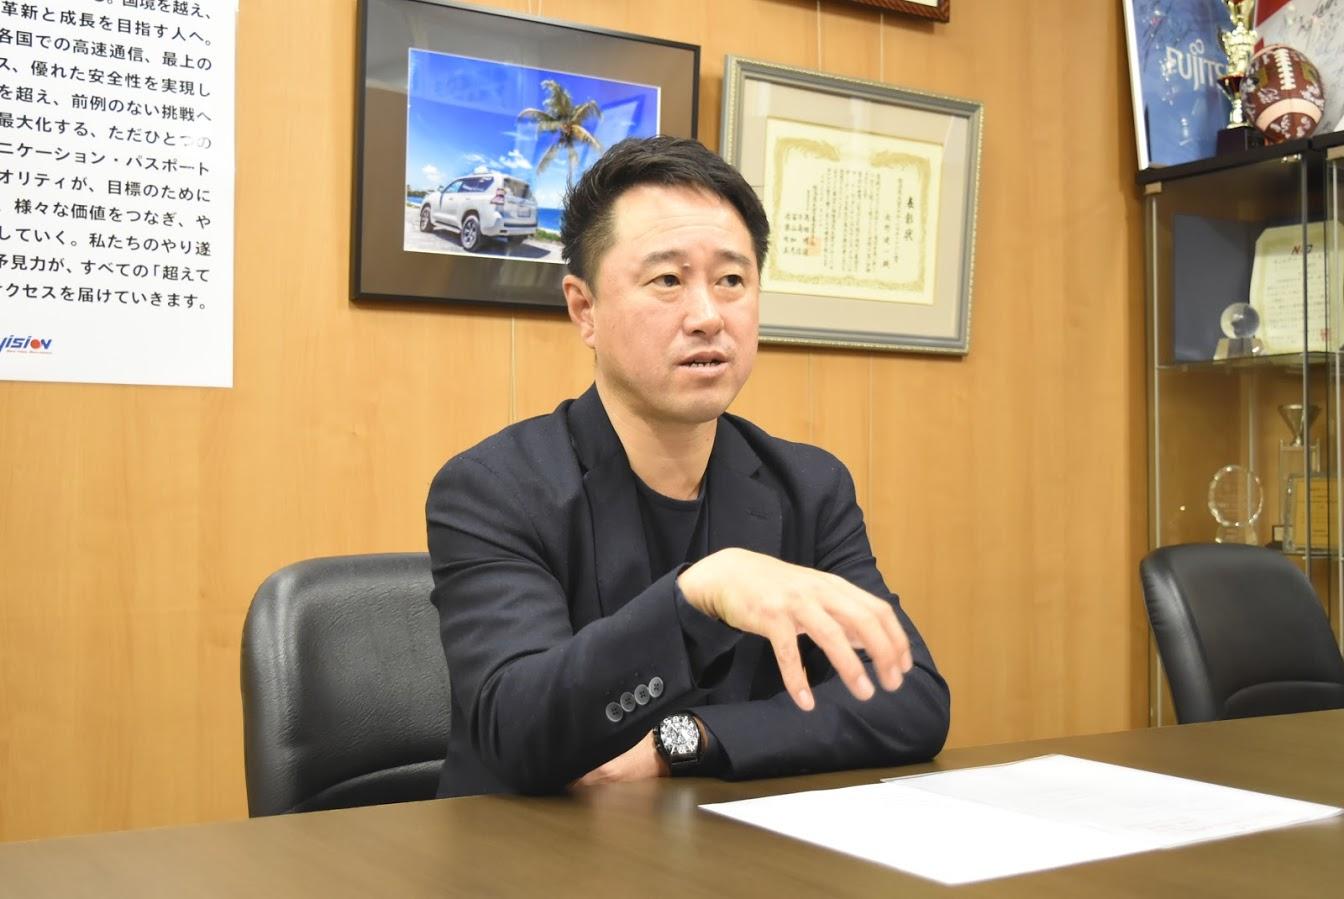 (株)ビジョン 代表取締役社長 佐野 健一